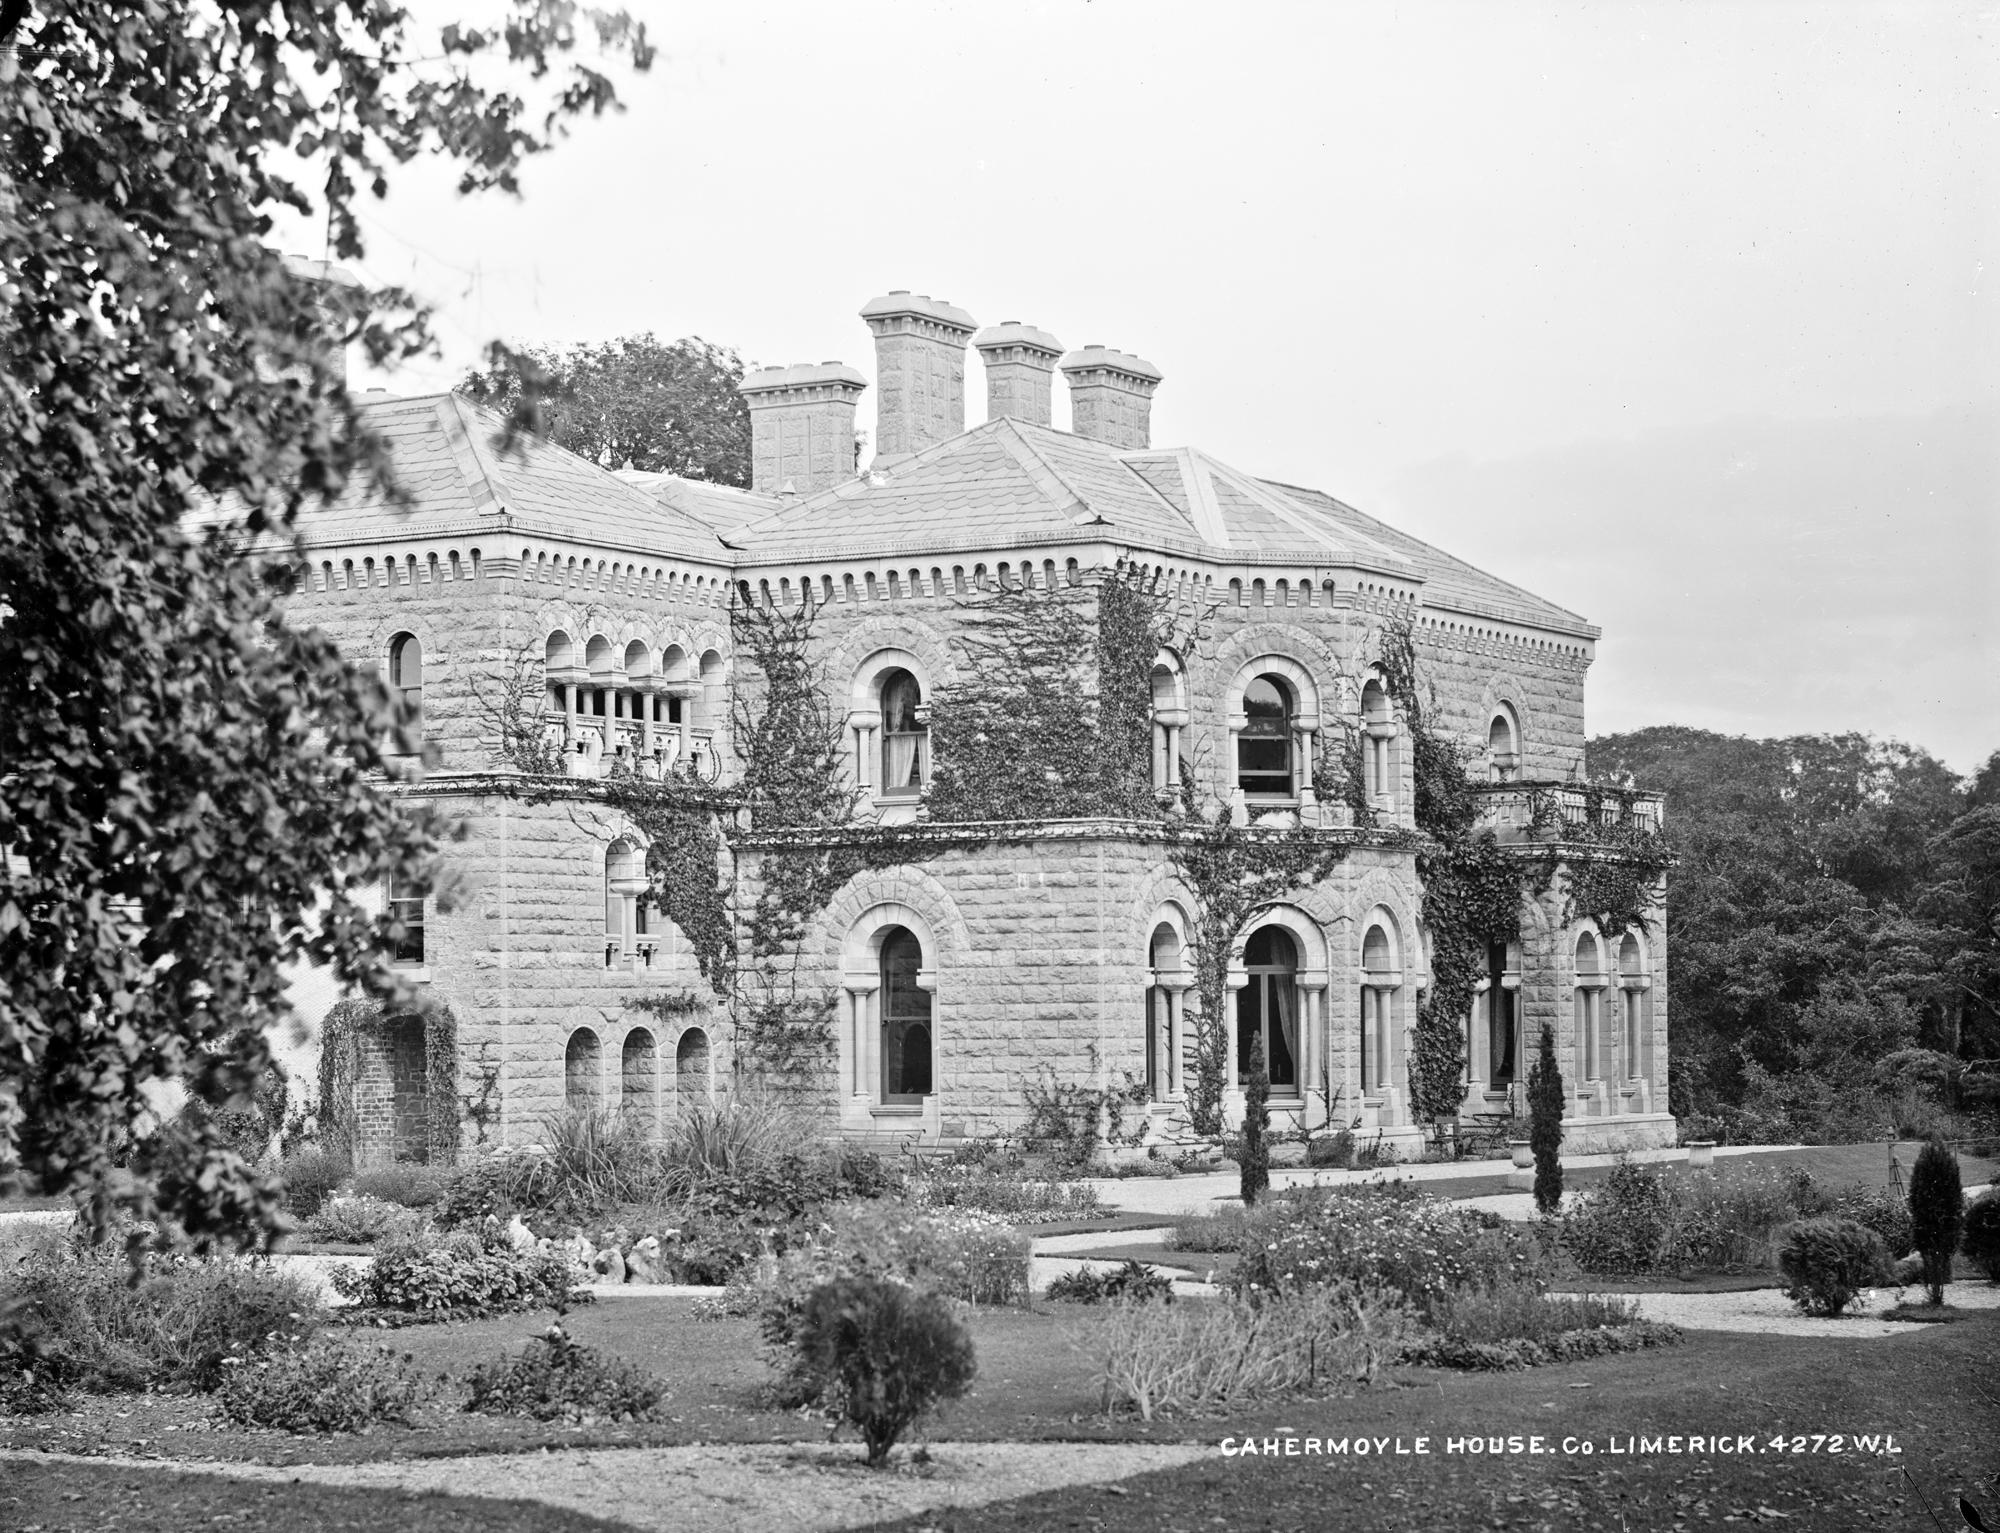 Cahermoyle House, Ardagh, Co. Limerick